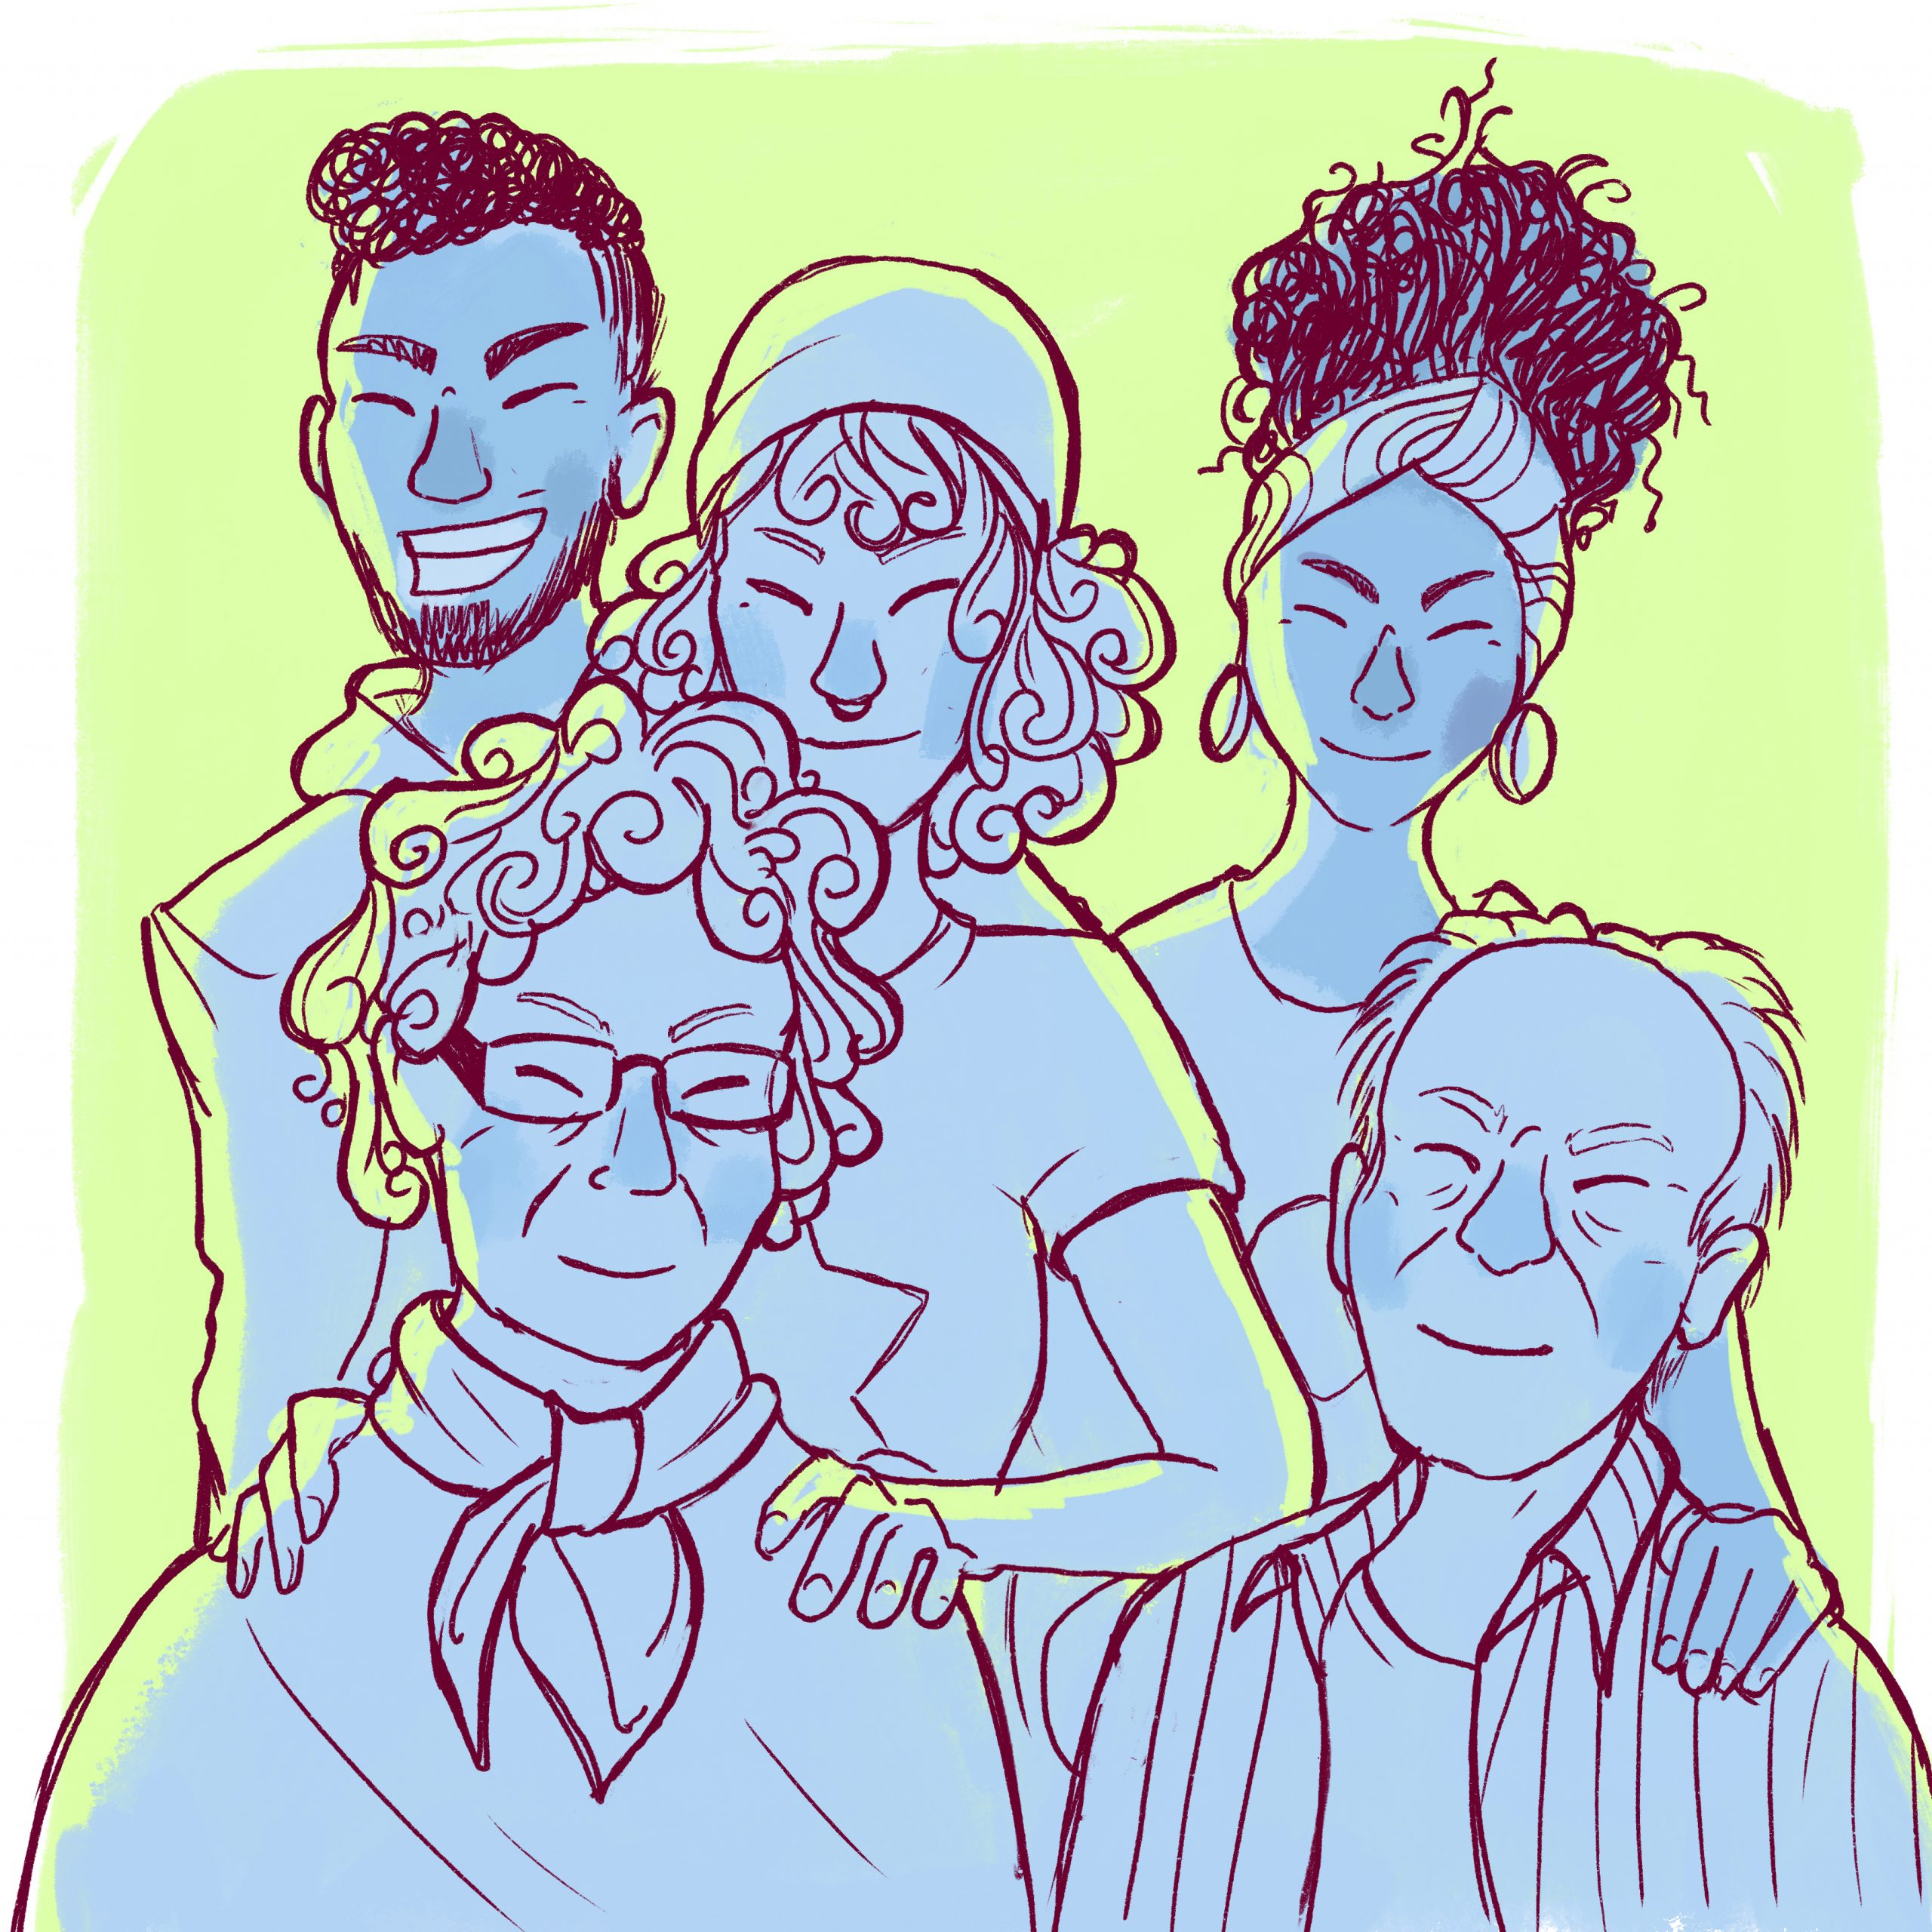 Ryhmä hymyileviä nuoria ja vanhuksia, piirroskuva.